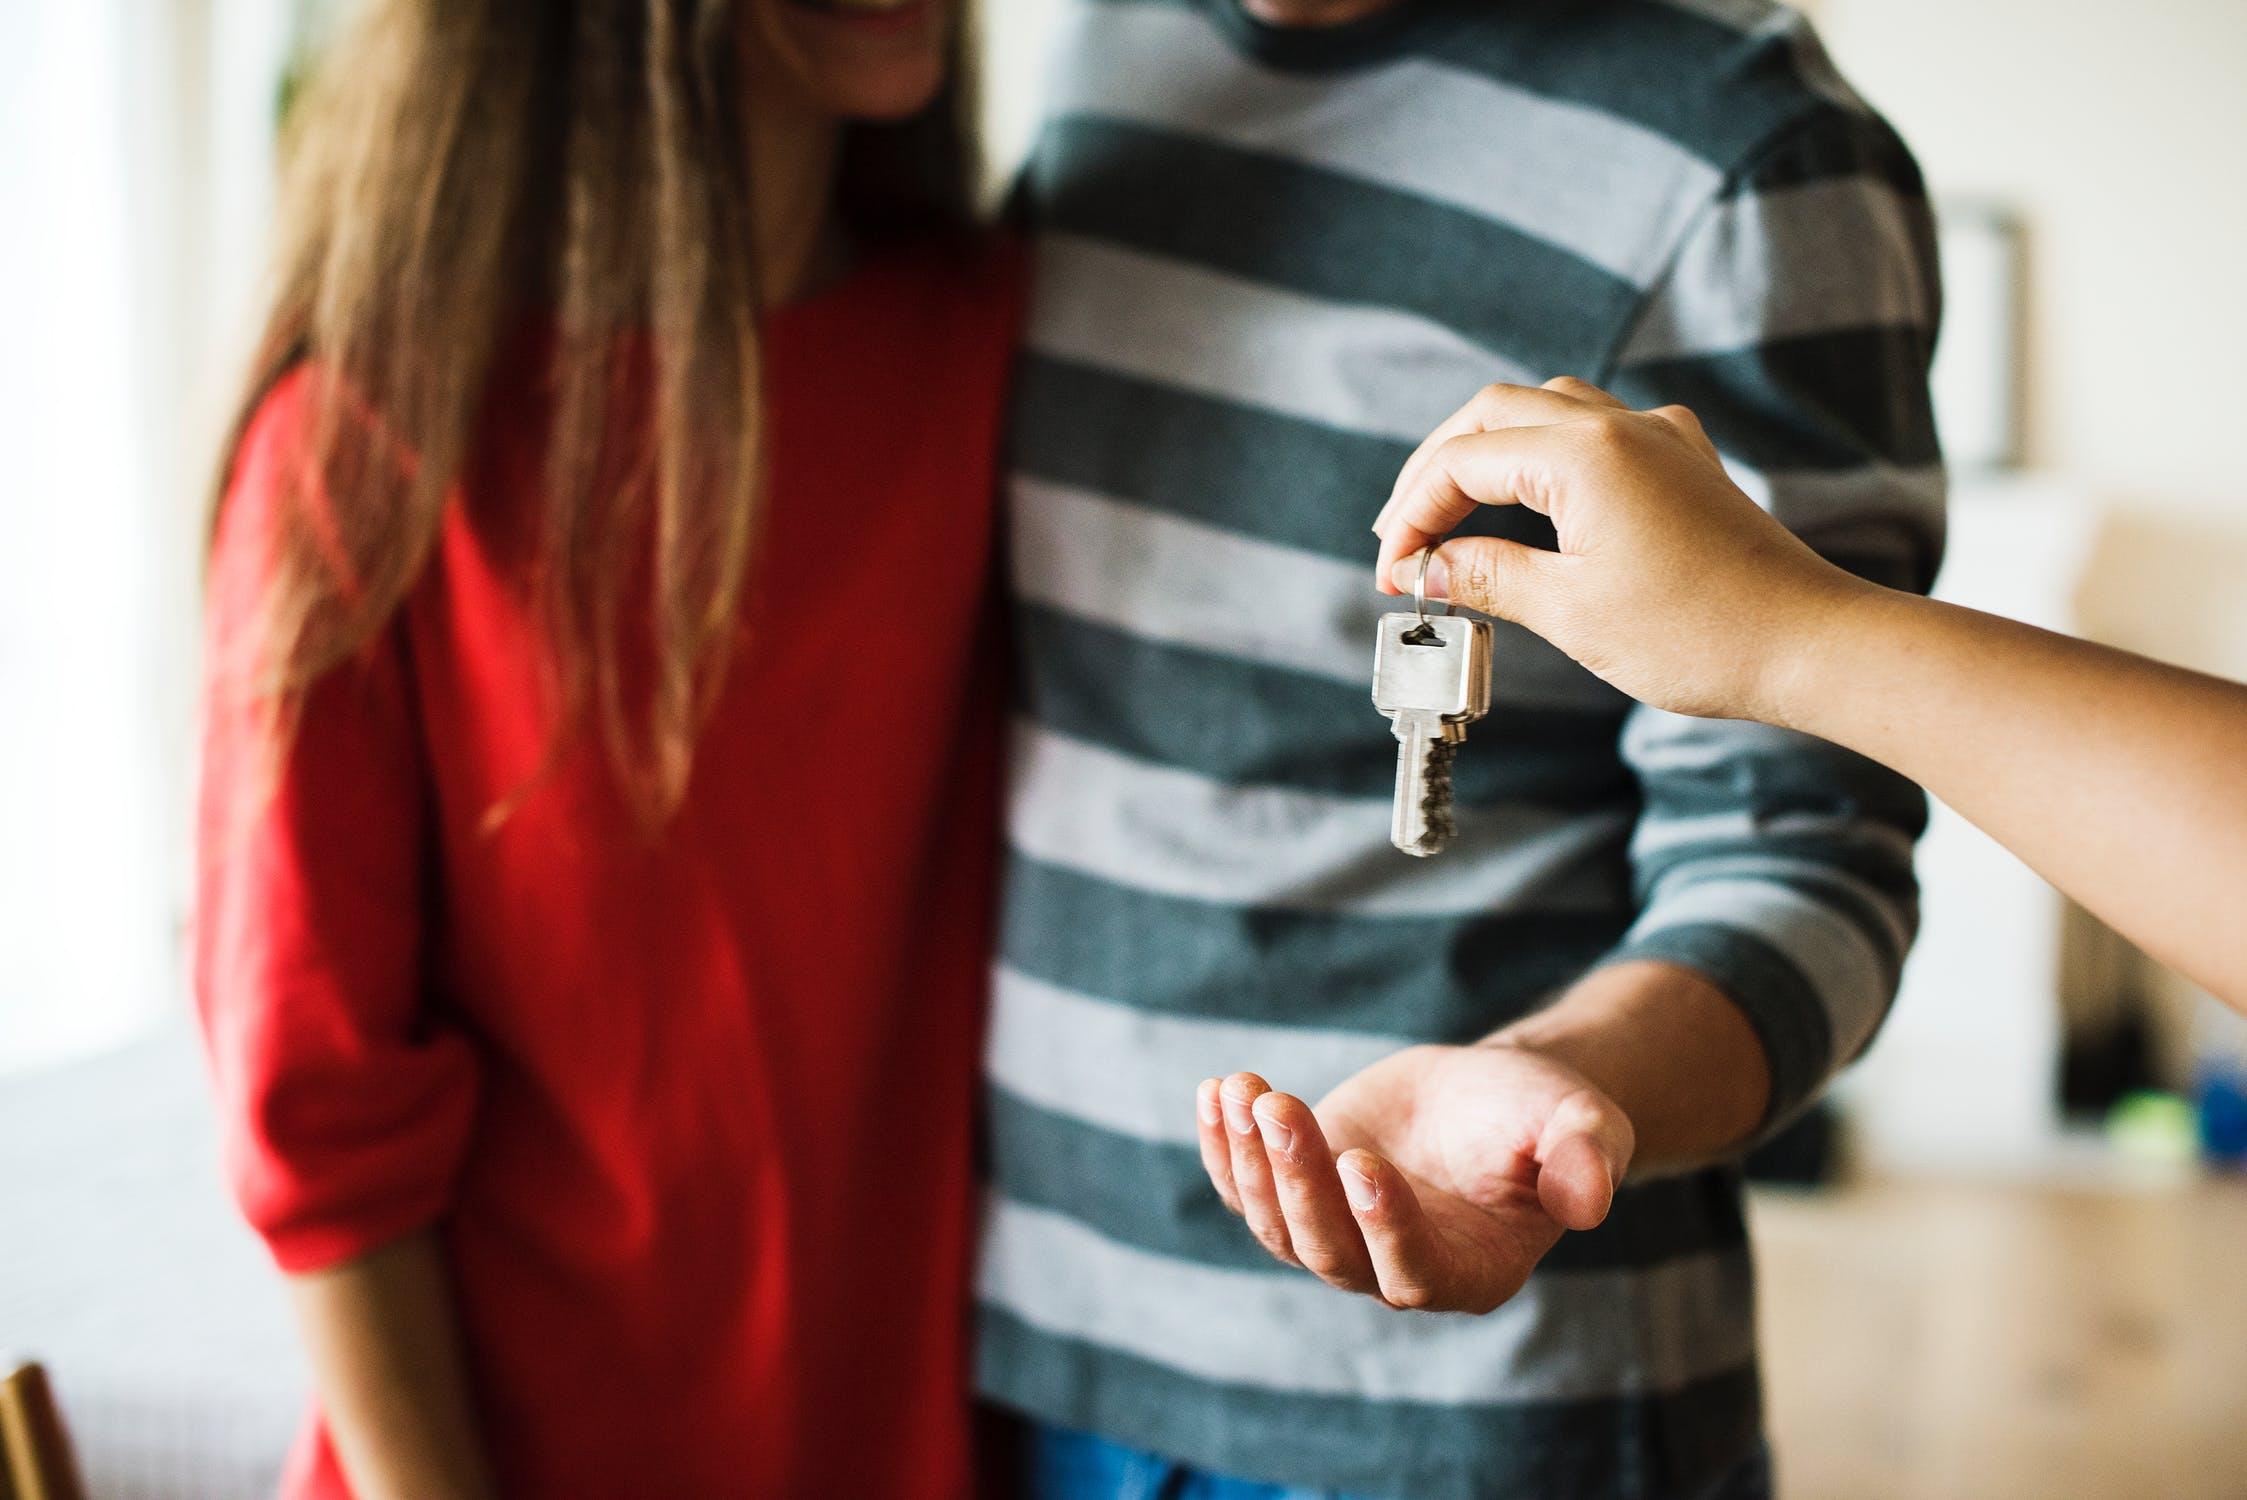 Как гарантированно получить кредит под залог имущества без справок в БрокерБанк